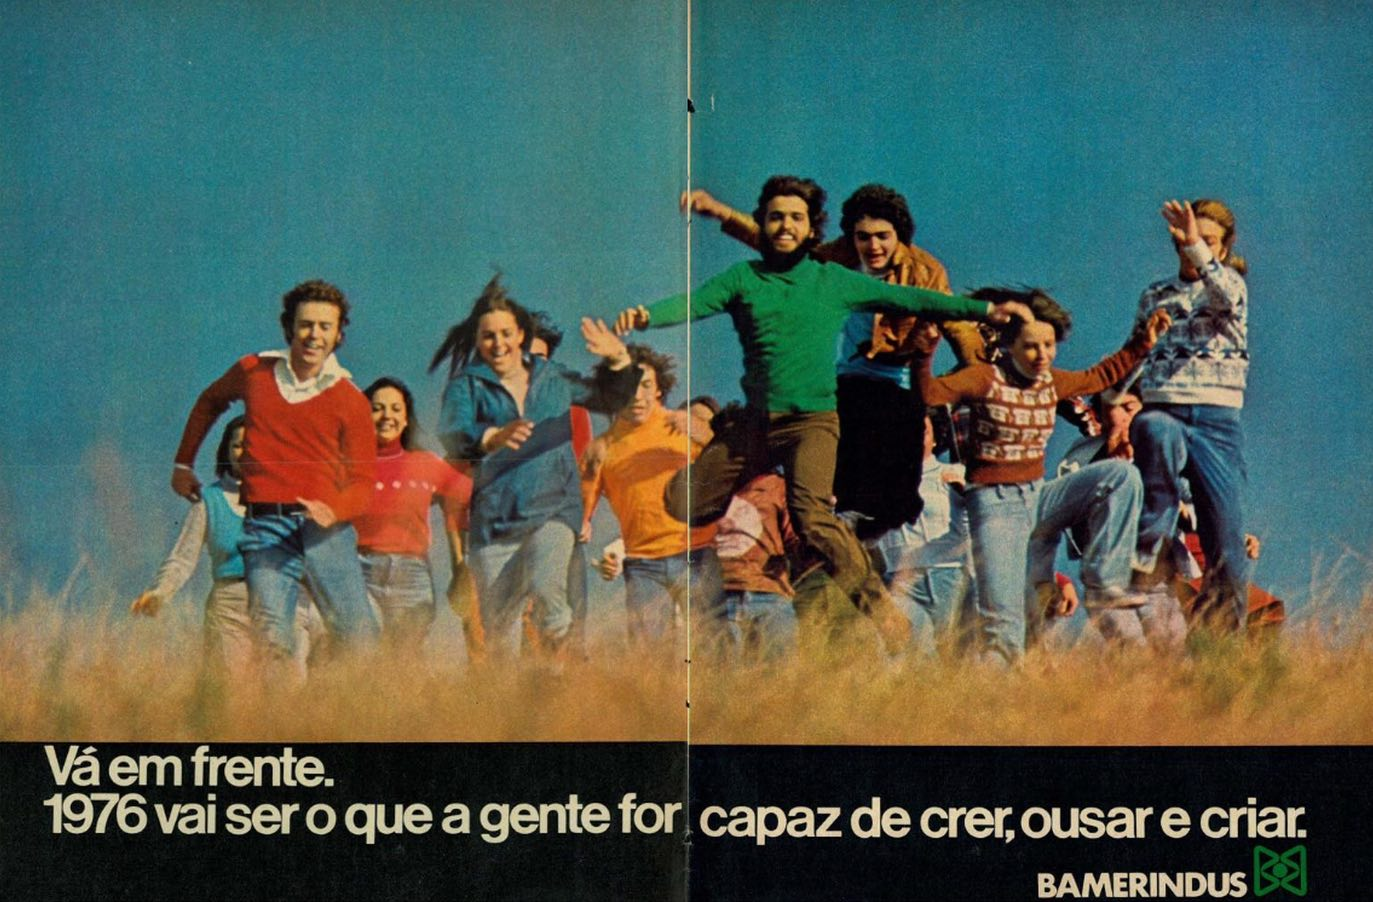 Anúncio de fim de ano do Banco Bamerindus veiculado em 1975